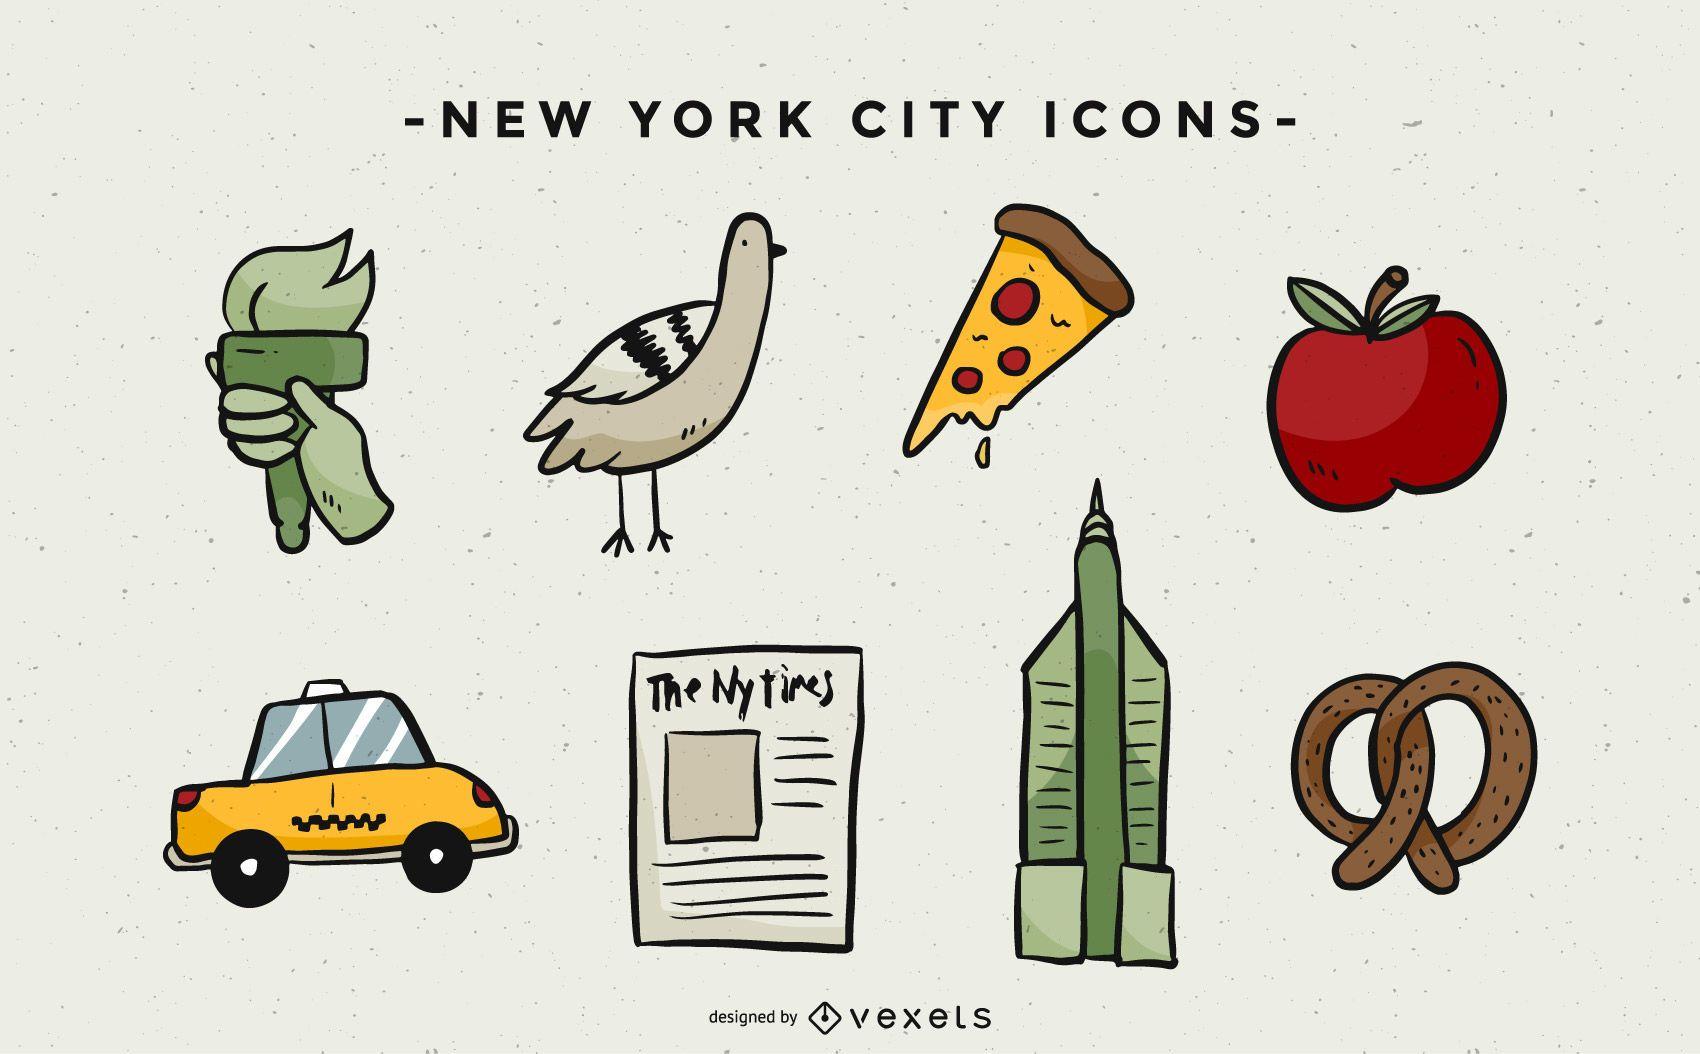 Paquete de iconos ilustrados de NYC